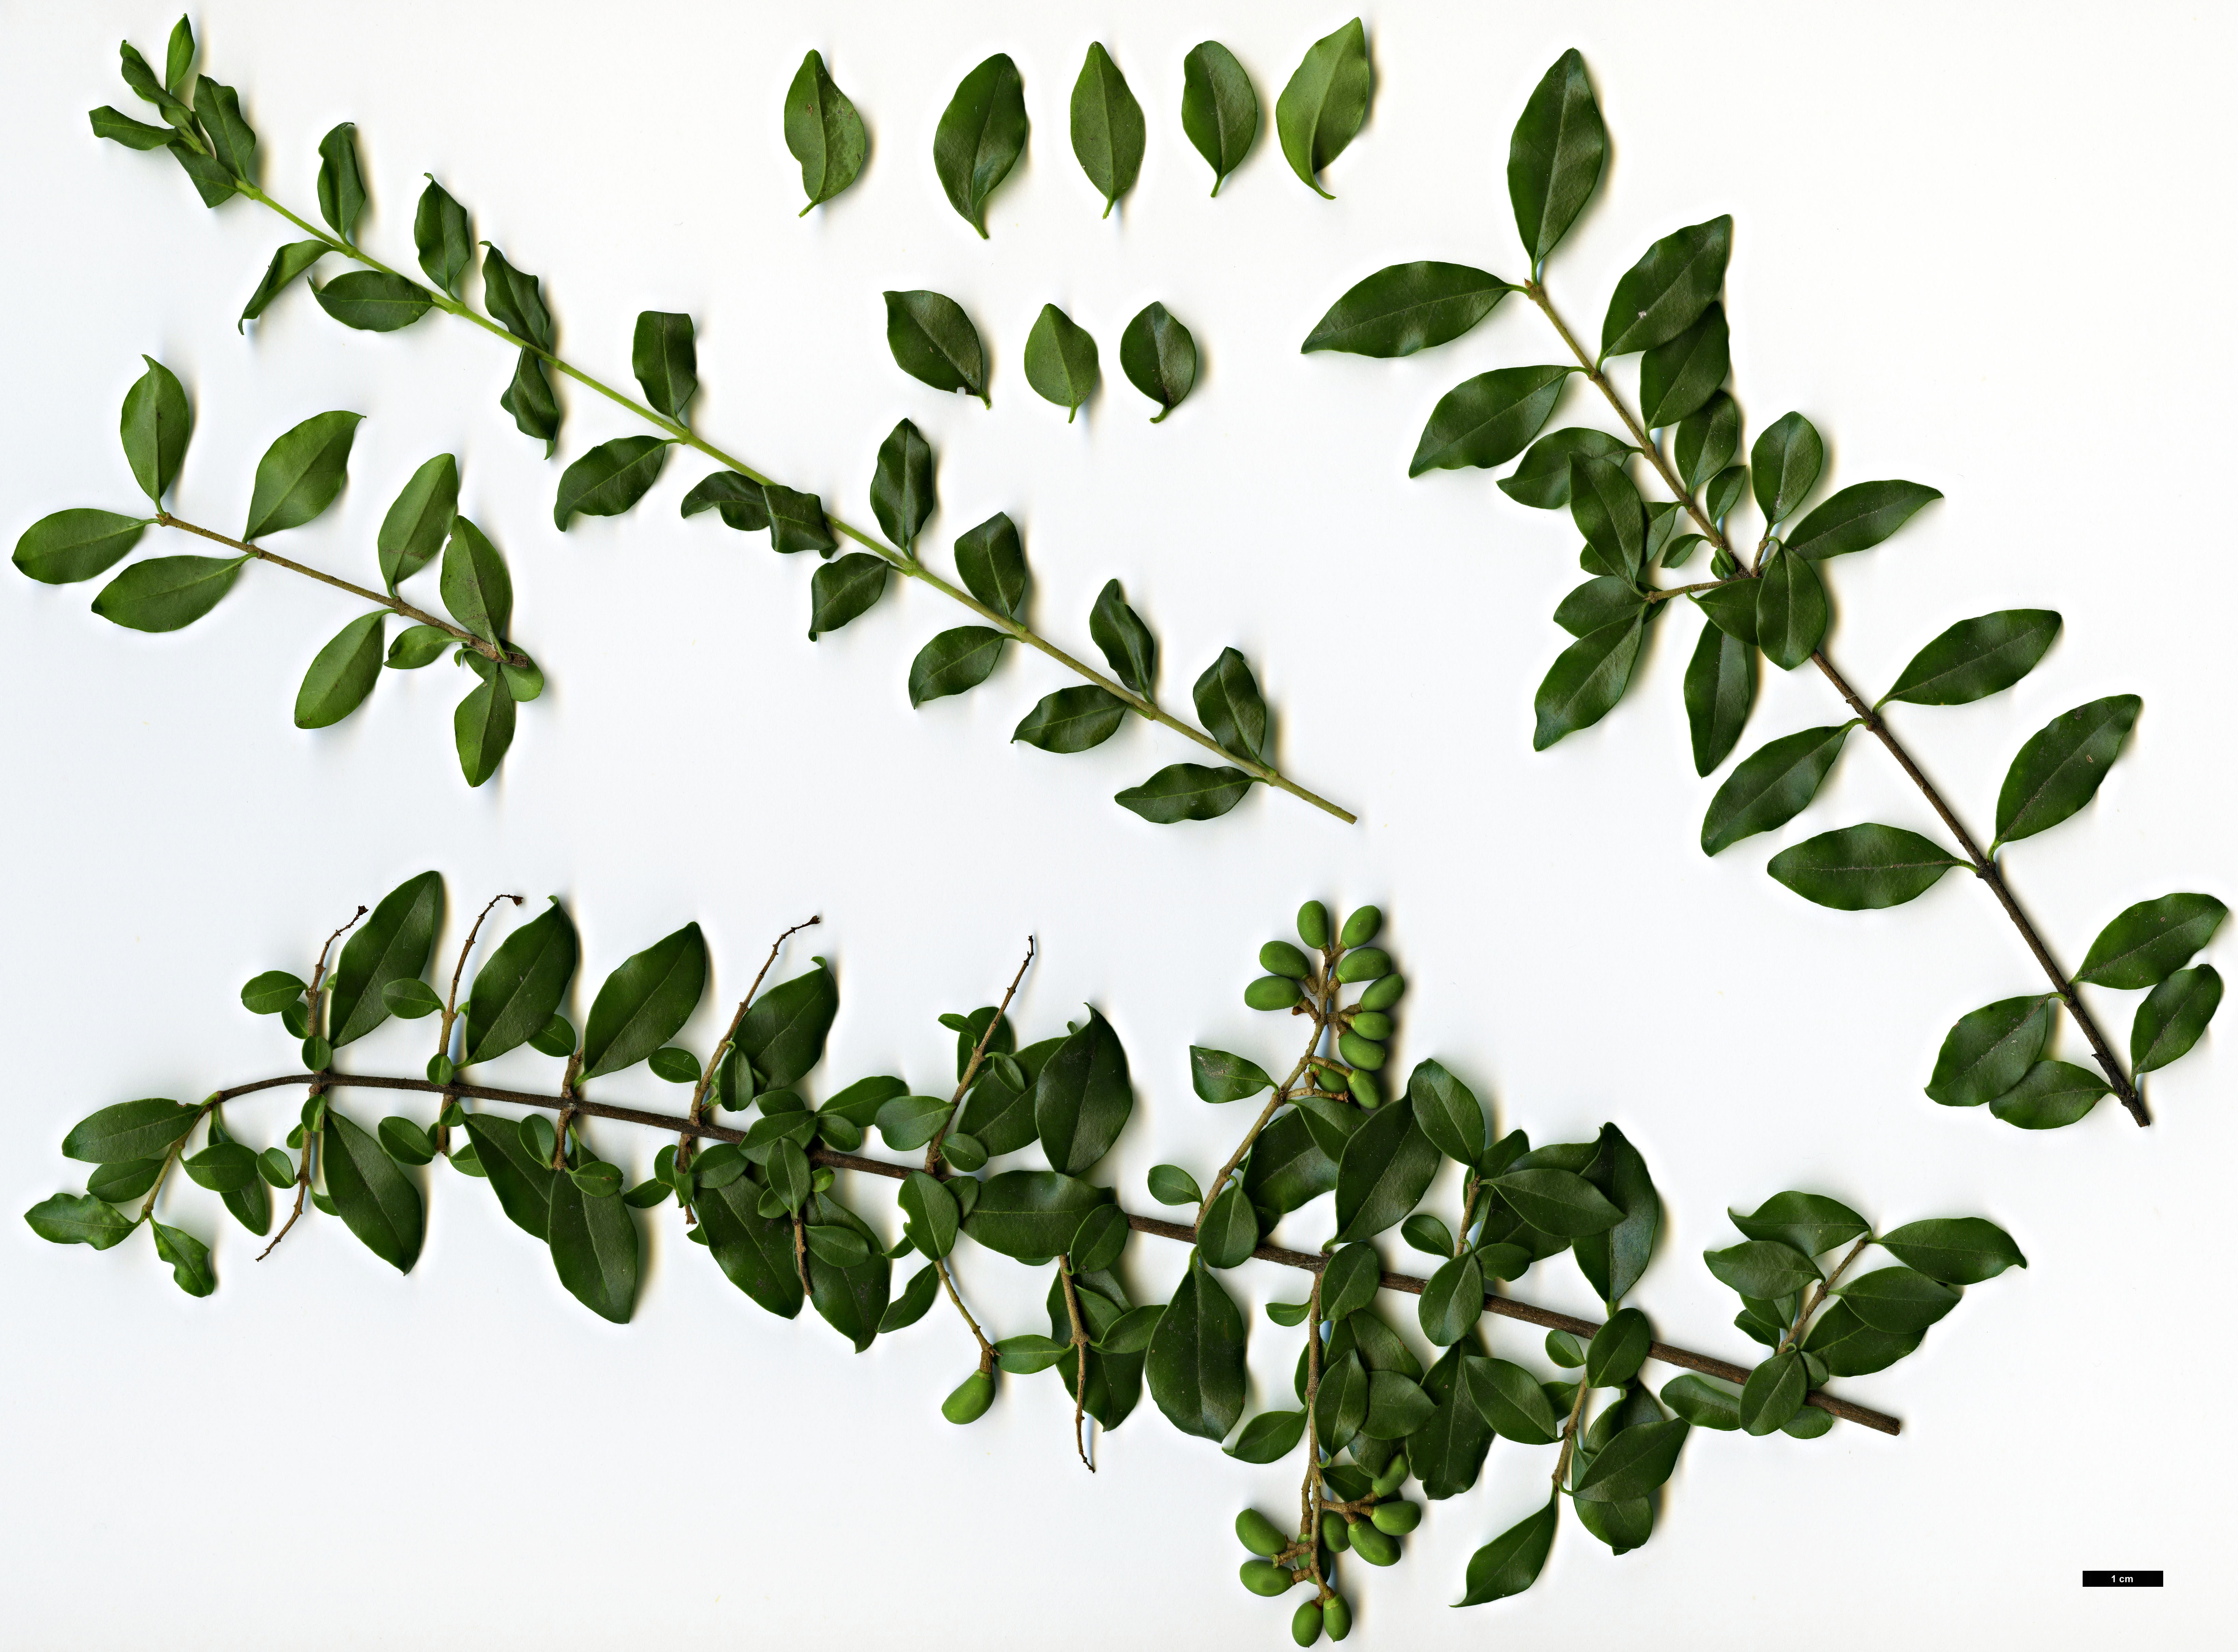 Family Oleaceae Genus Ligustrum Specy delavayanum